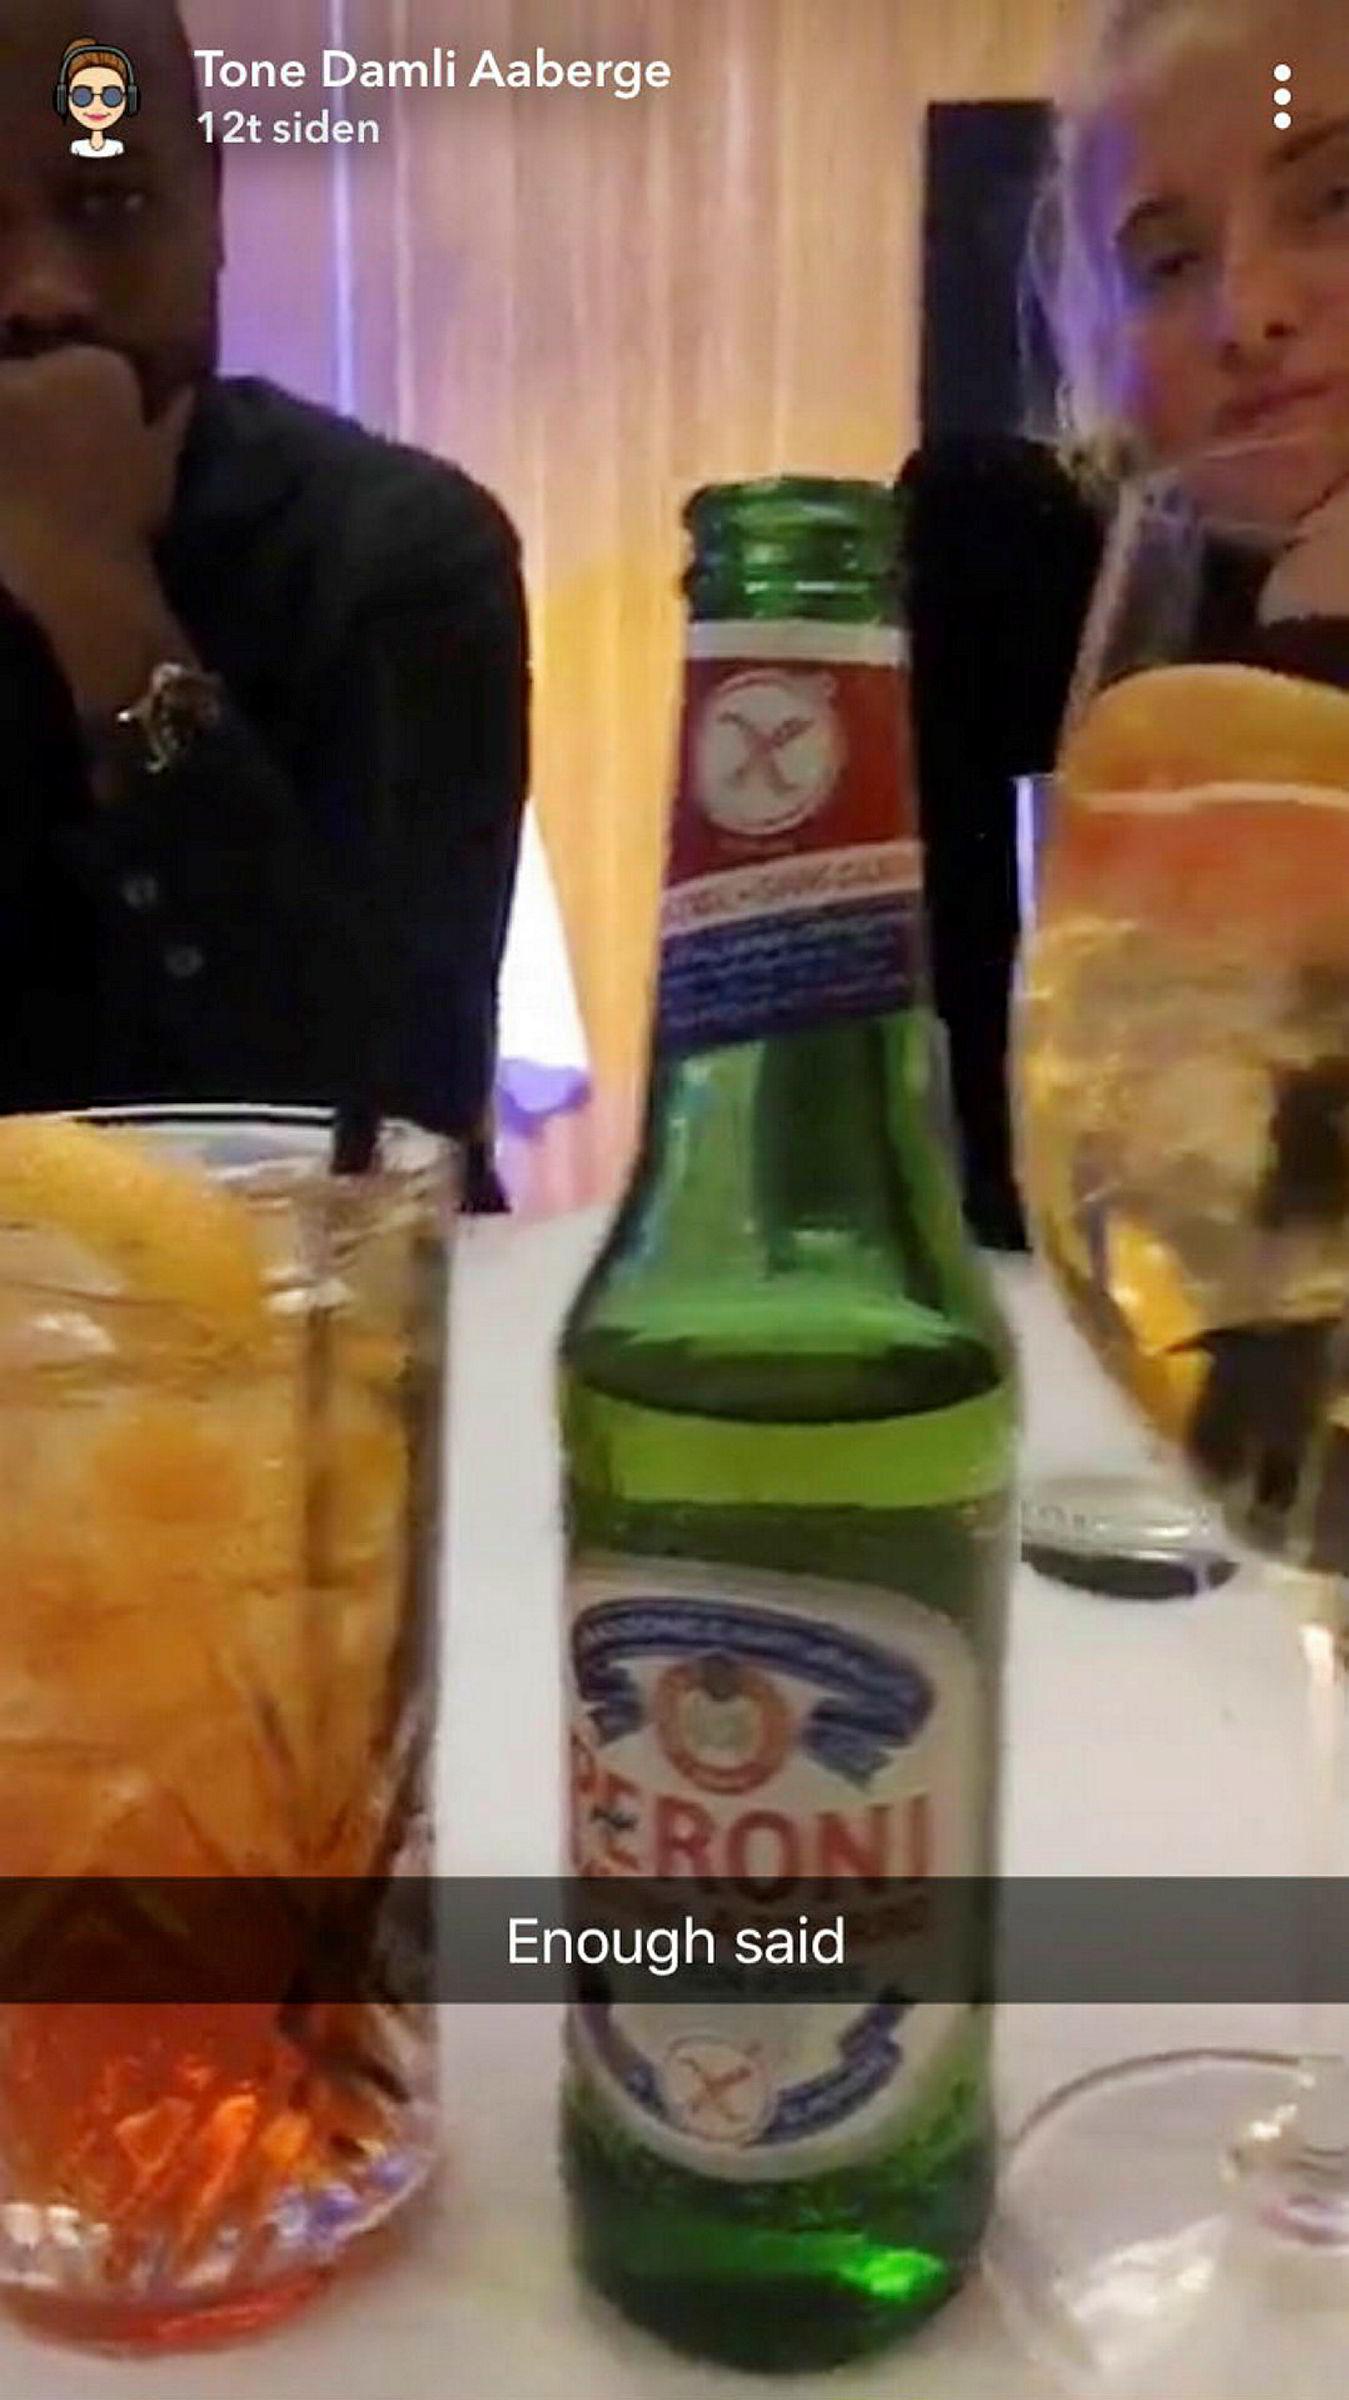 Flere av deltagerne på middagen la ut bilder av Peroni på Instagram og Snapchat.